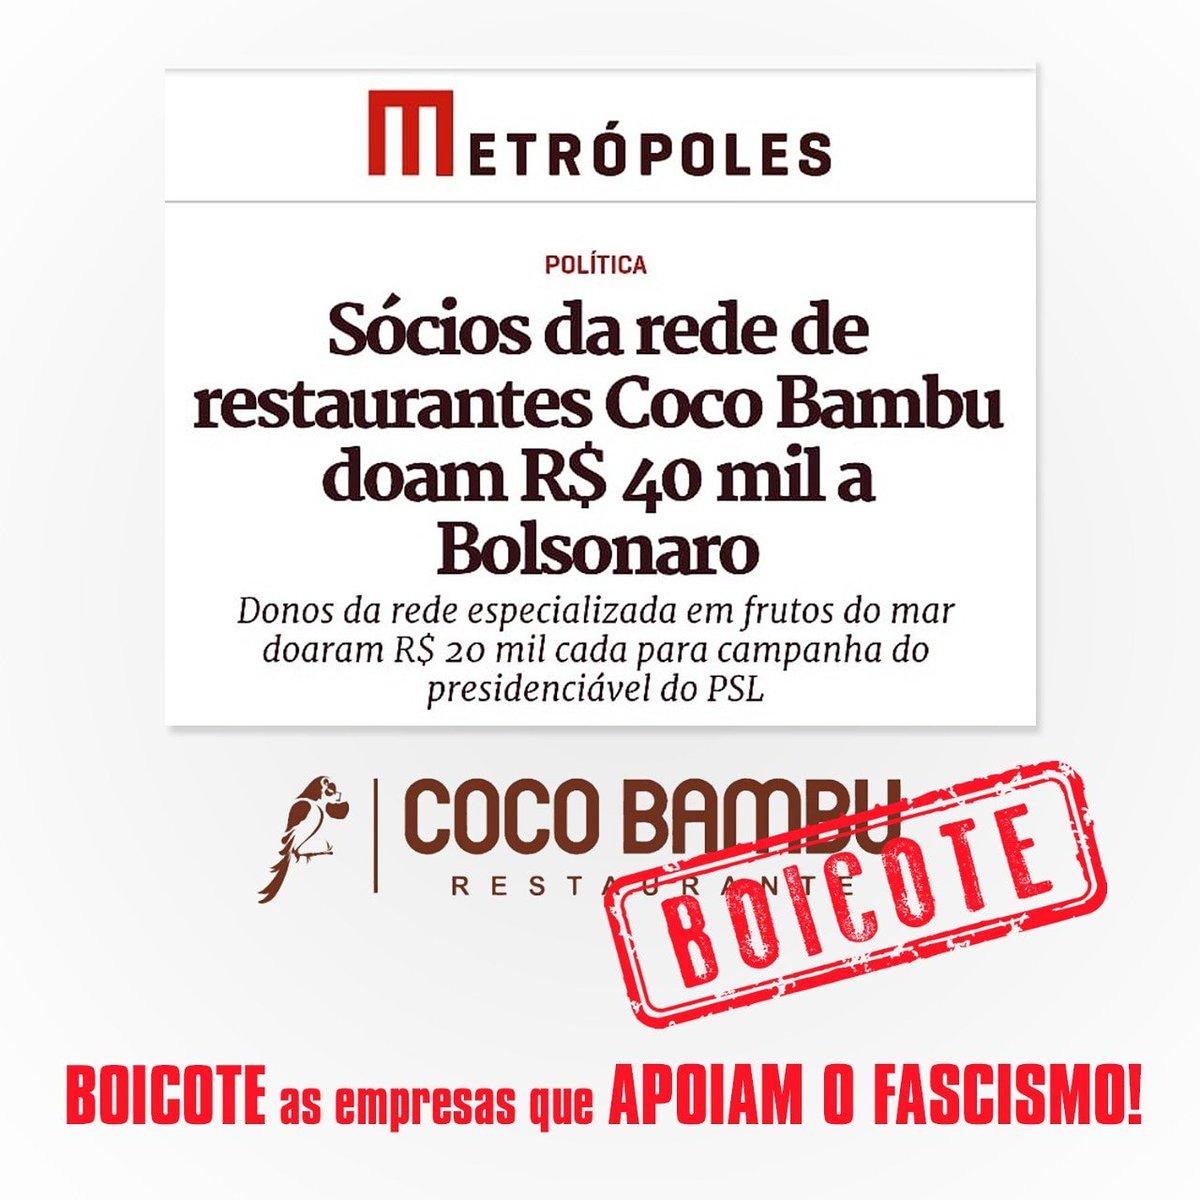 Donos do #CocoBambu manifestam apoio a Bolsonaro ao doar para a campanha dele. Com isso, financiam o fascismo e todo o pacote: machismo, misoginia, racismo, xenofobia, homofobia e todo tipo de ódio e preconceito que sai do esgoto da sociedade. Boicotemos quem financia o fascismo!